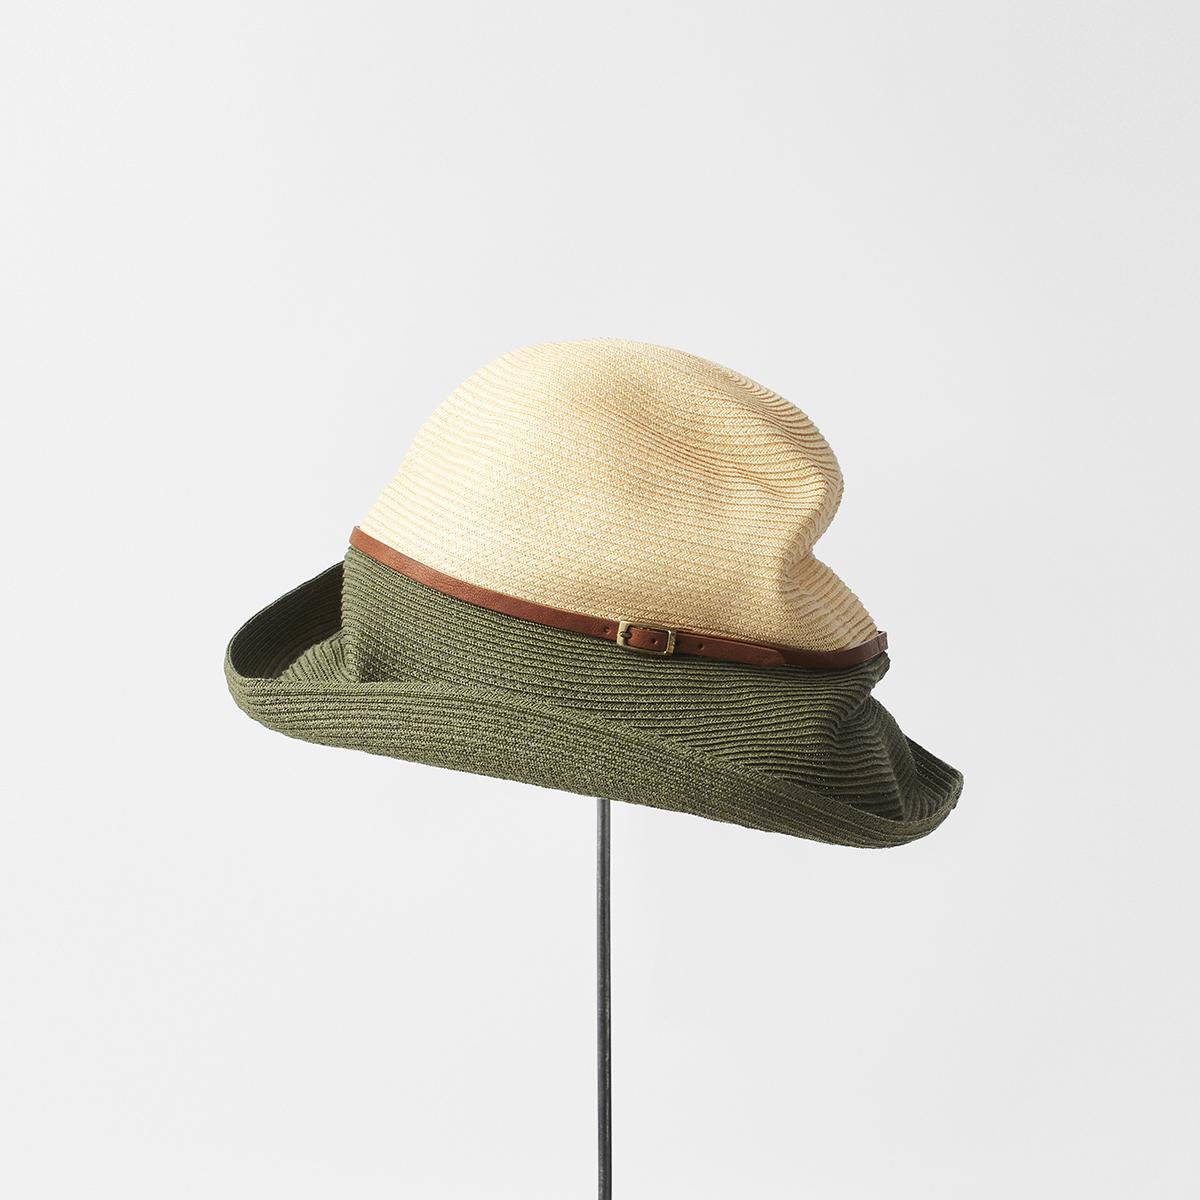 BOXED HAT 11cm brim 2tone color leather belt